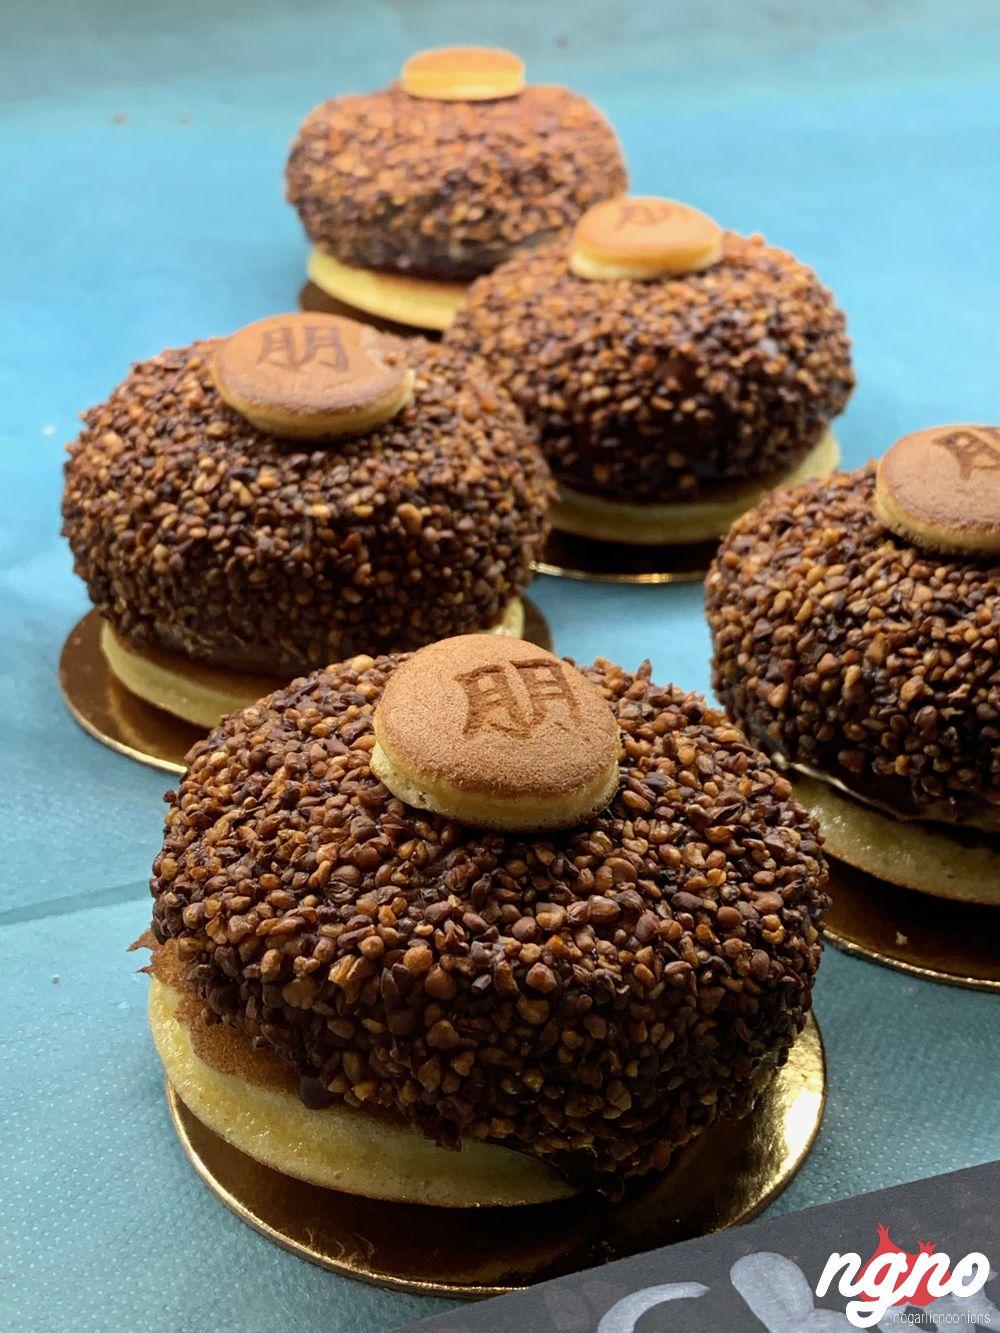 tomo-japanese-pastry-paris-nogarlicnoonions-62018-12-24-11-07-35